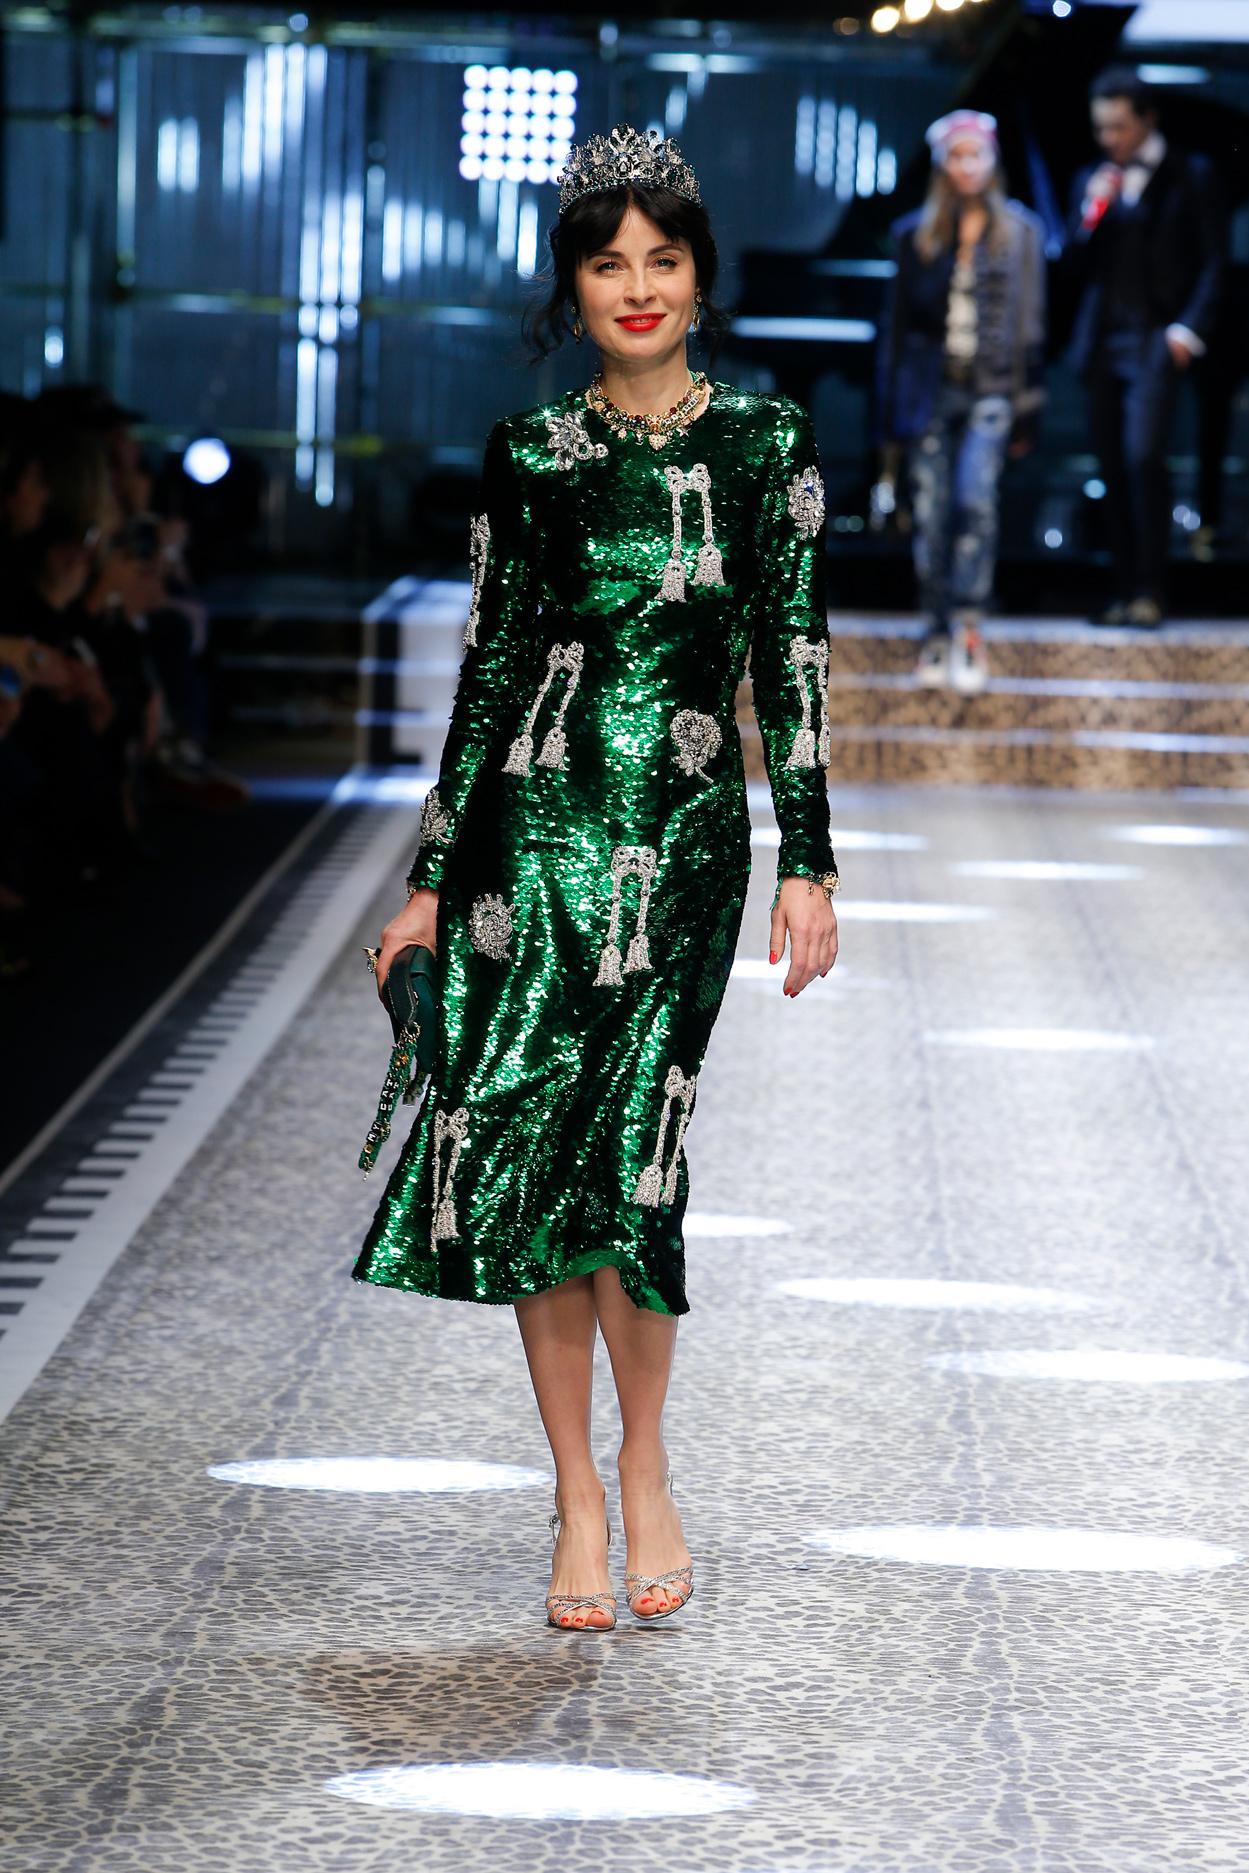 Дольче габбана осень зима 2017 зеленое платье